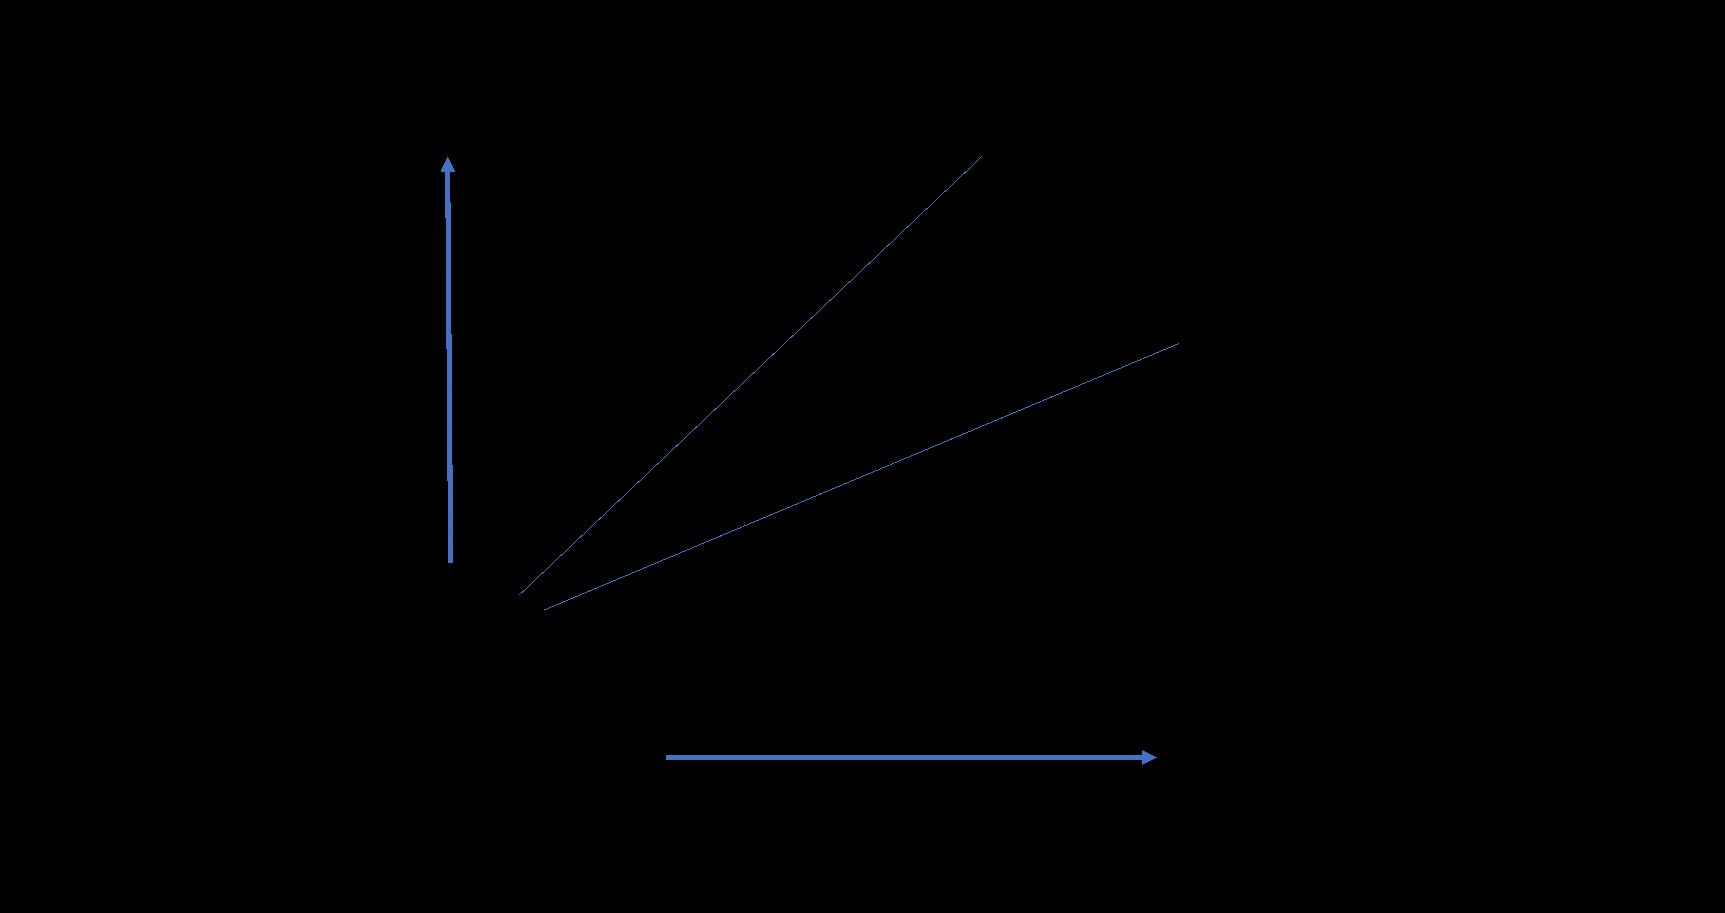 gestao-dos-negocios-grafico